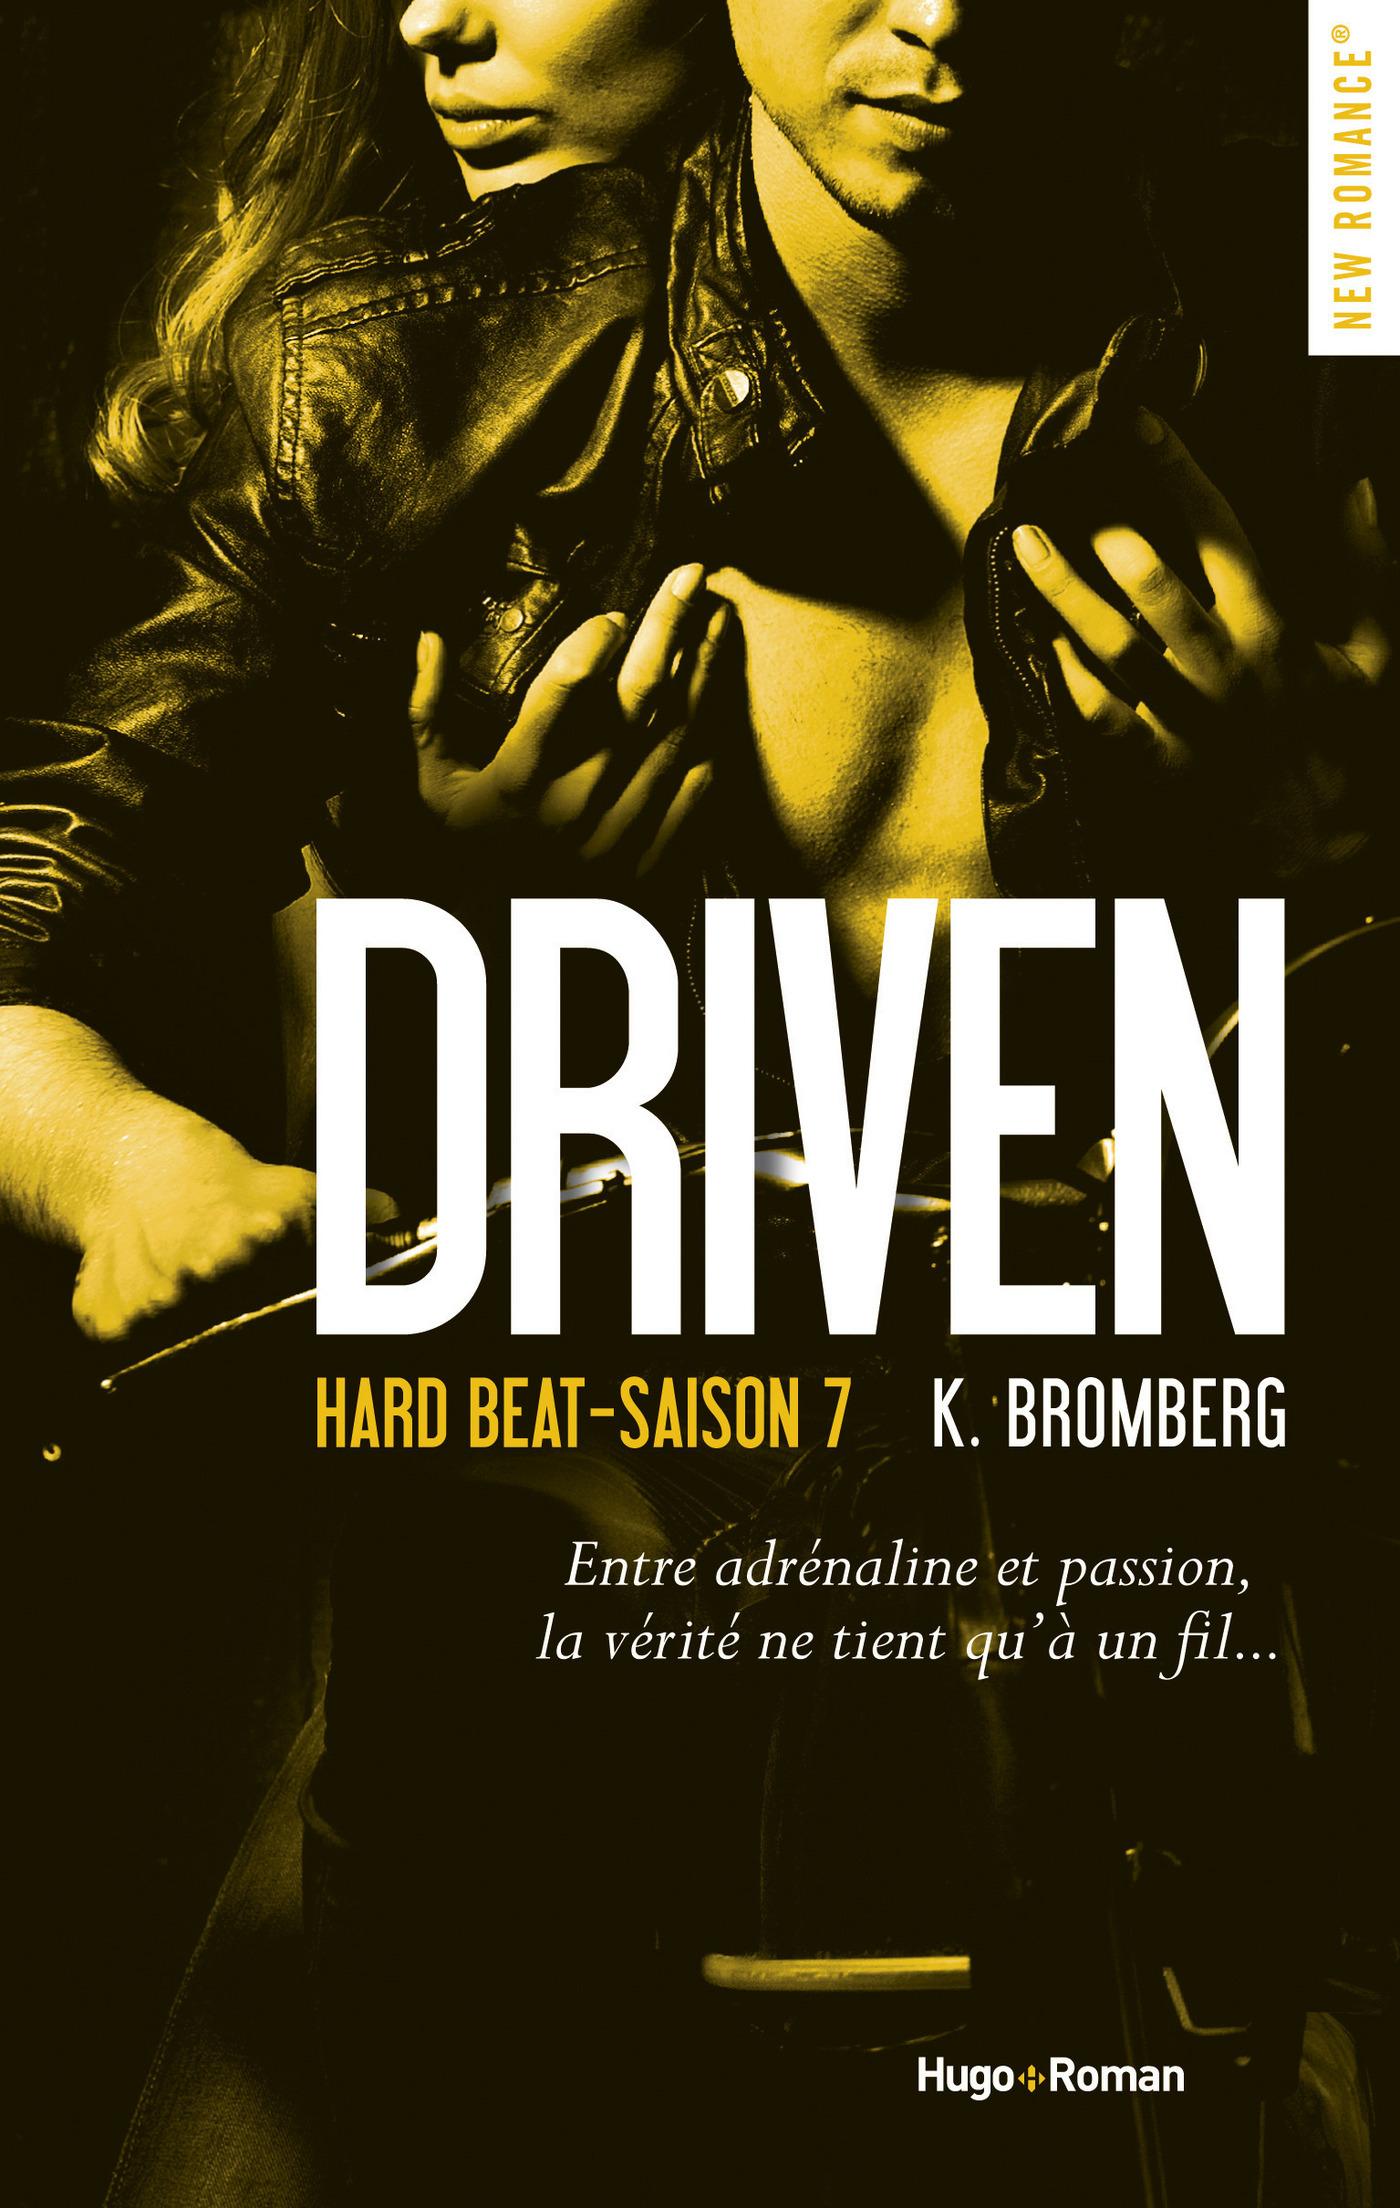 Driven hard beat Saison 7